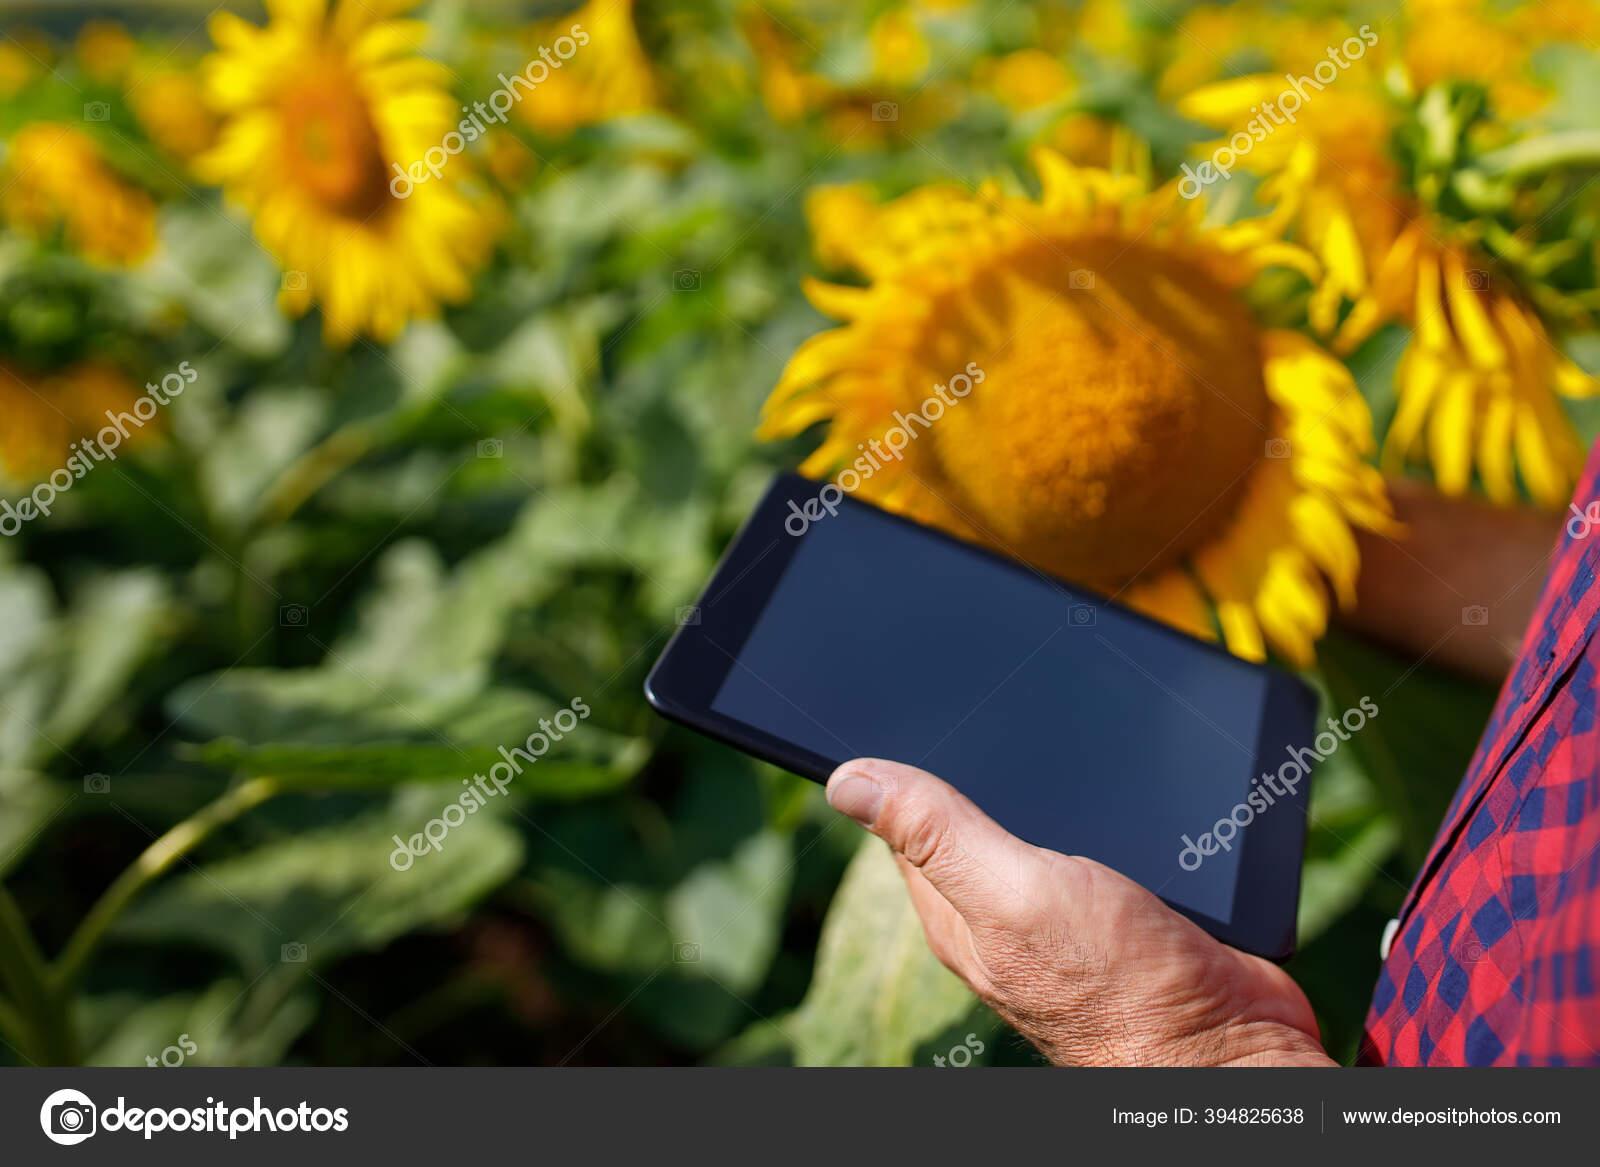 Tangan Petani Dengan Tablet Di Bidang Bunga Matahari Stok Foto C Alterphoto 394825638